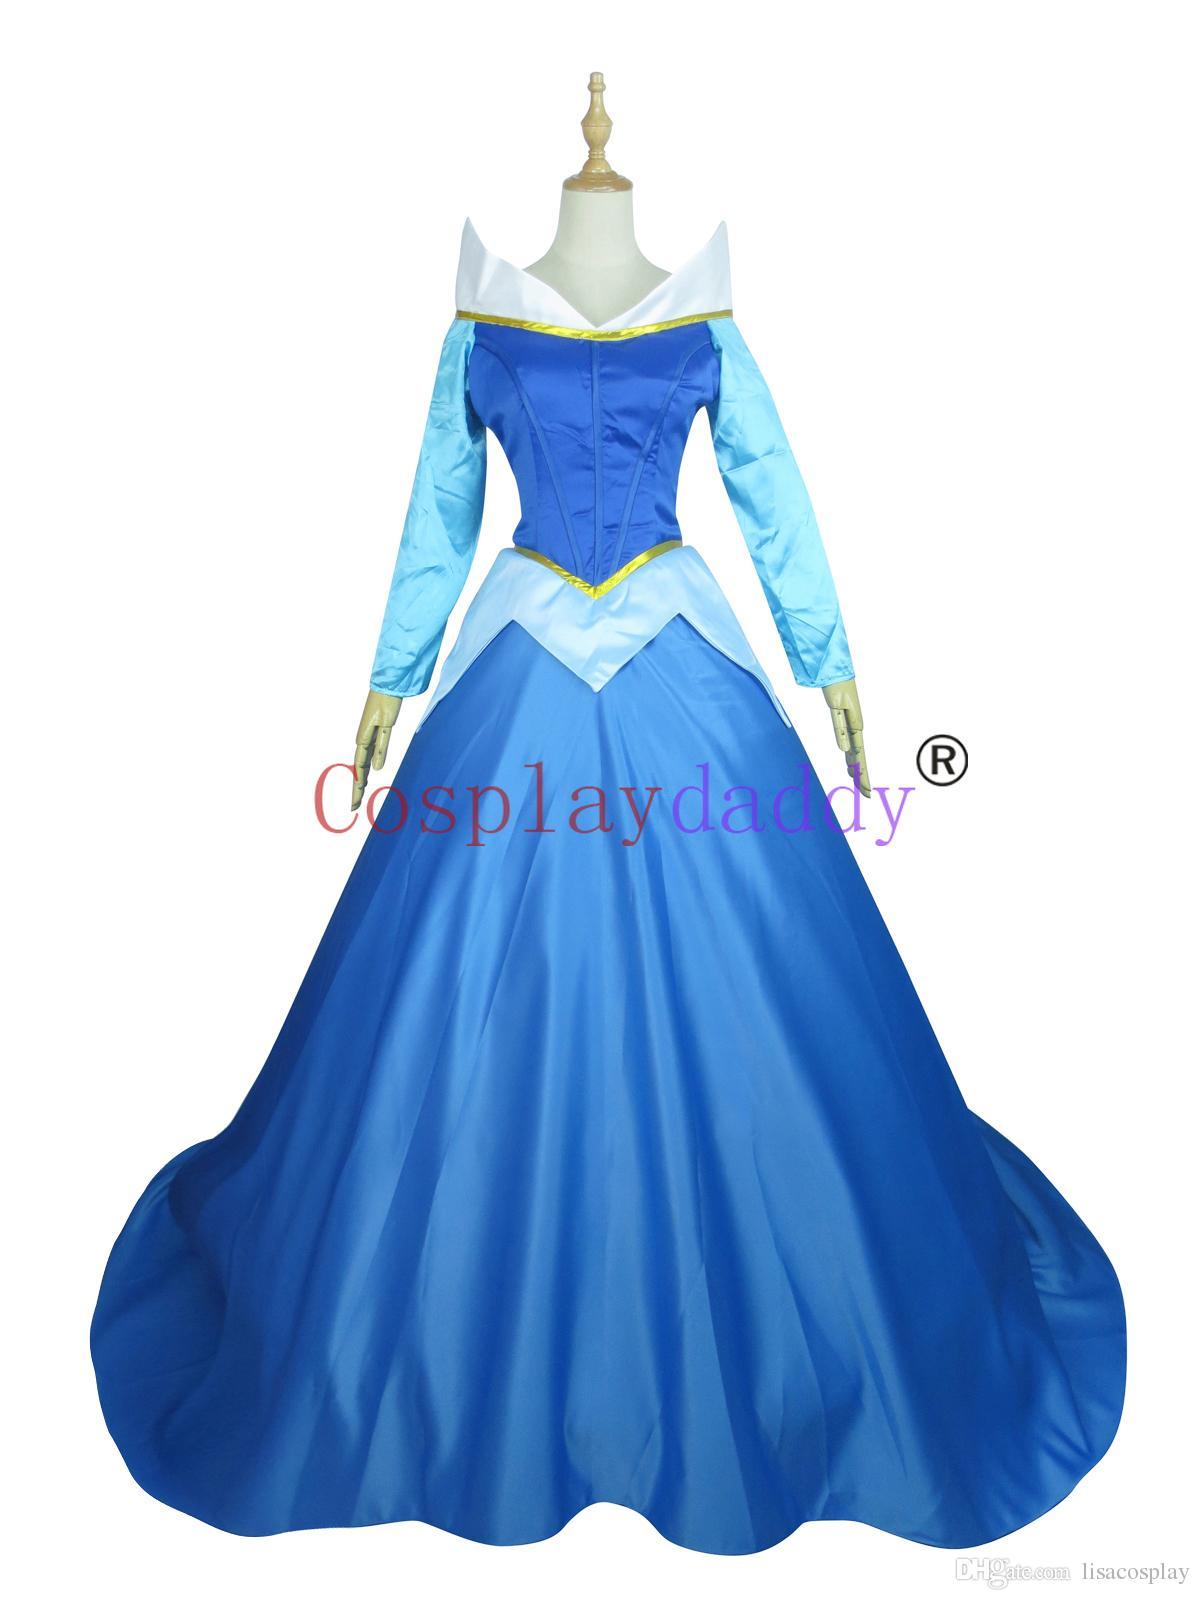 Compre La Bella Durmiente Aurora Azul Pricess Vestido Niñas Mujeres Cosplay A 9645 Del Lisacosplay Dhgatecom